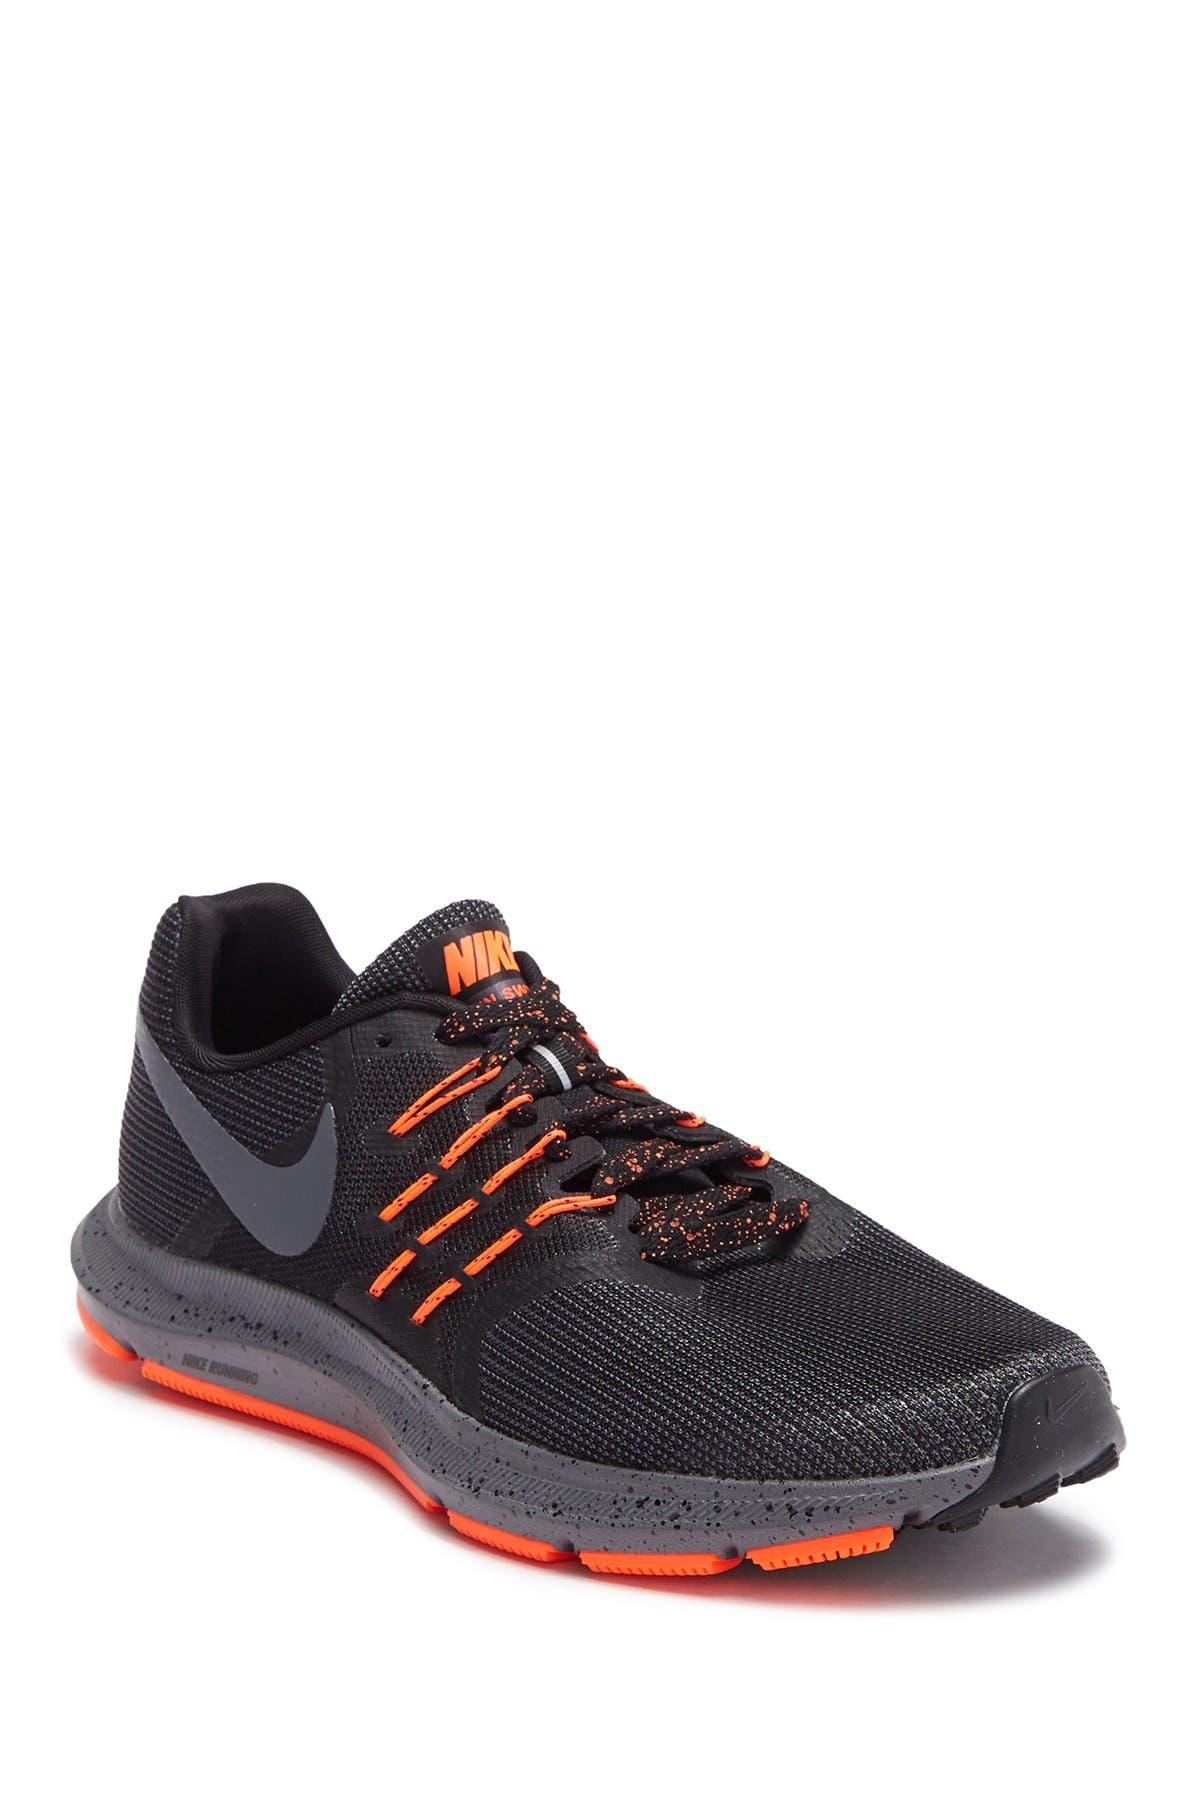 Nike | Run Swift SE Sneaker - Wide